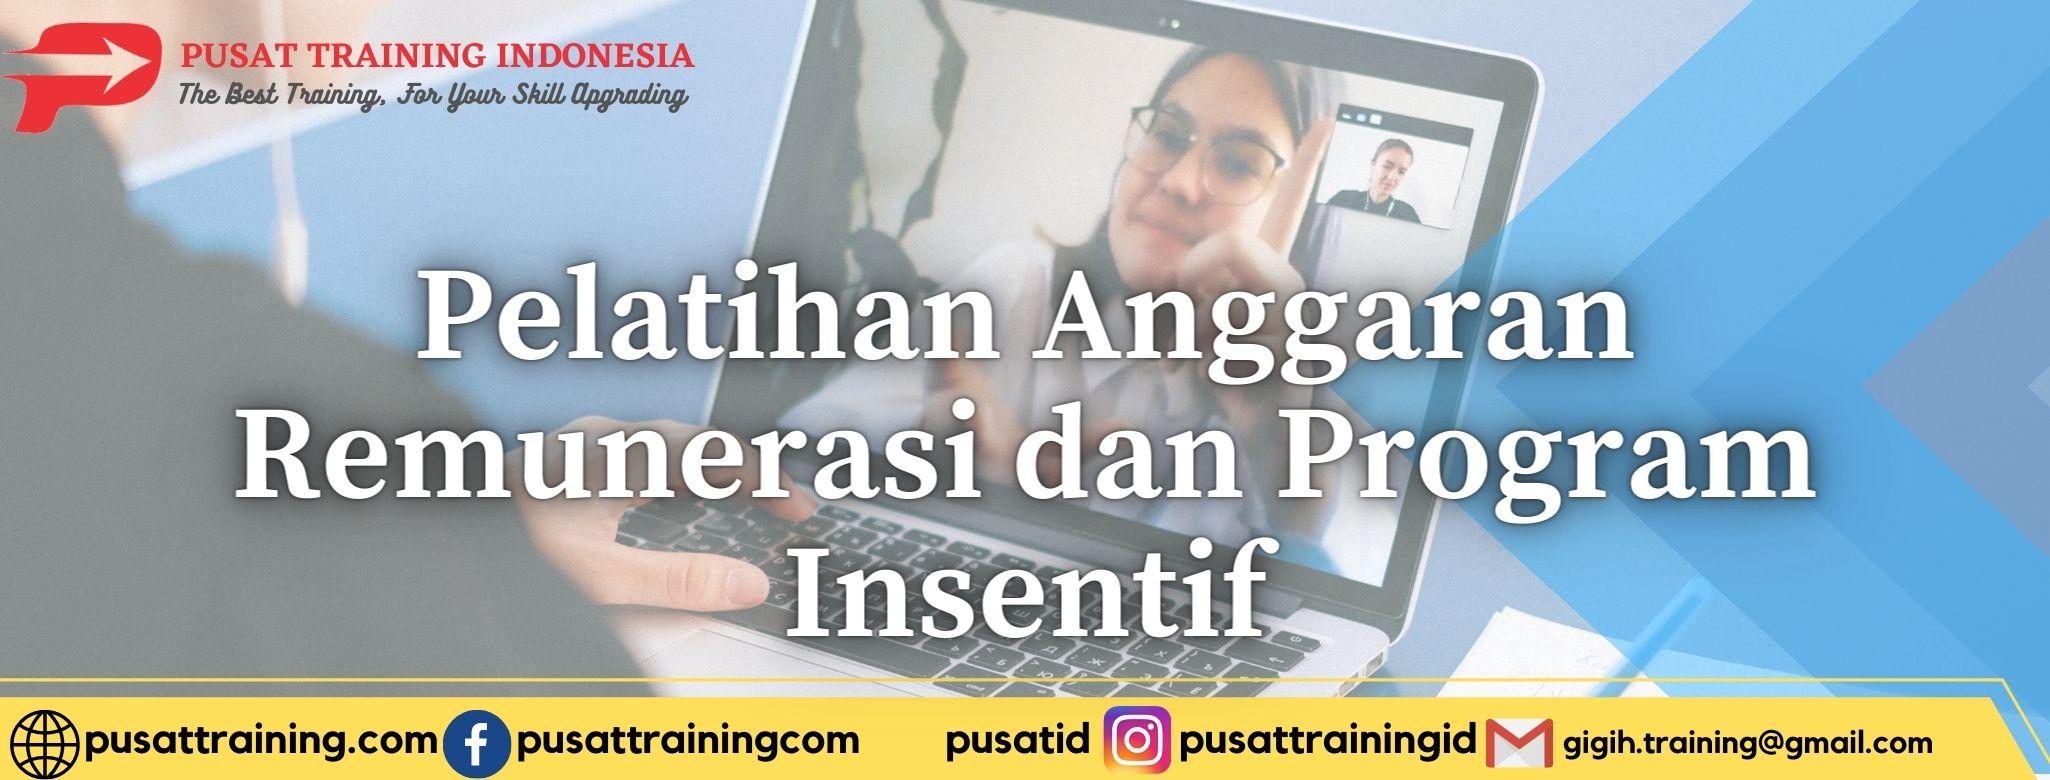 Pelatihan-Anggaran-Remunerasi-dan-Program-Insentif